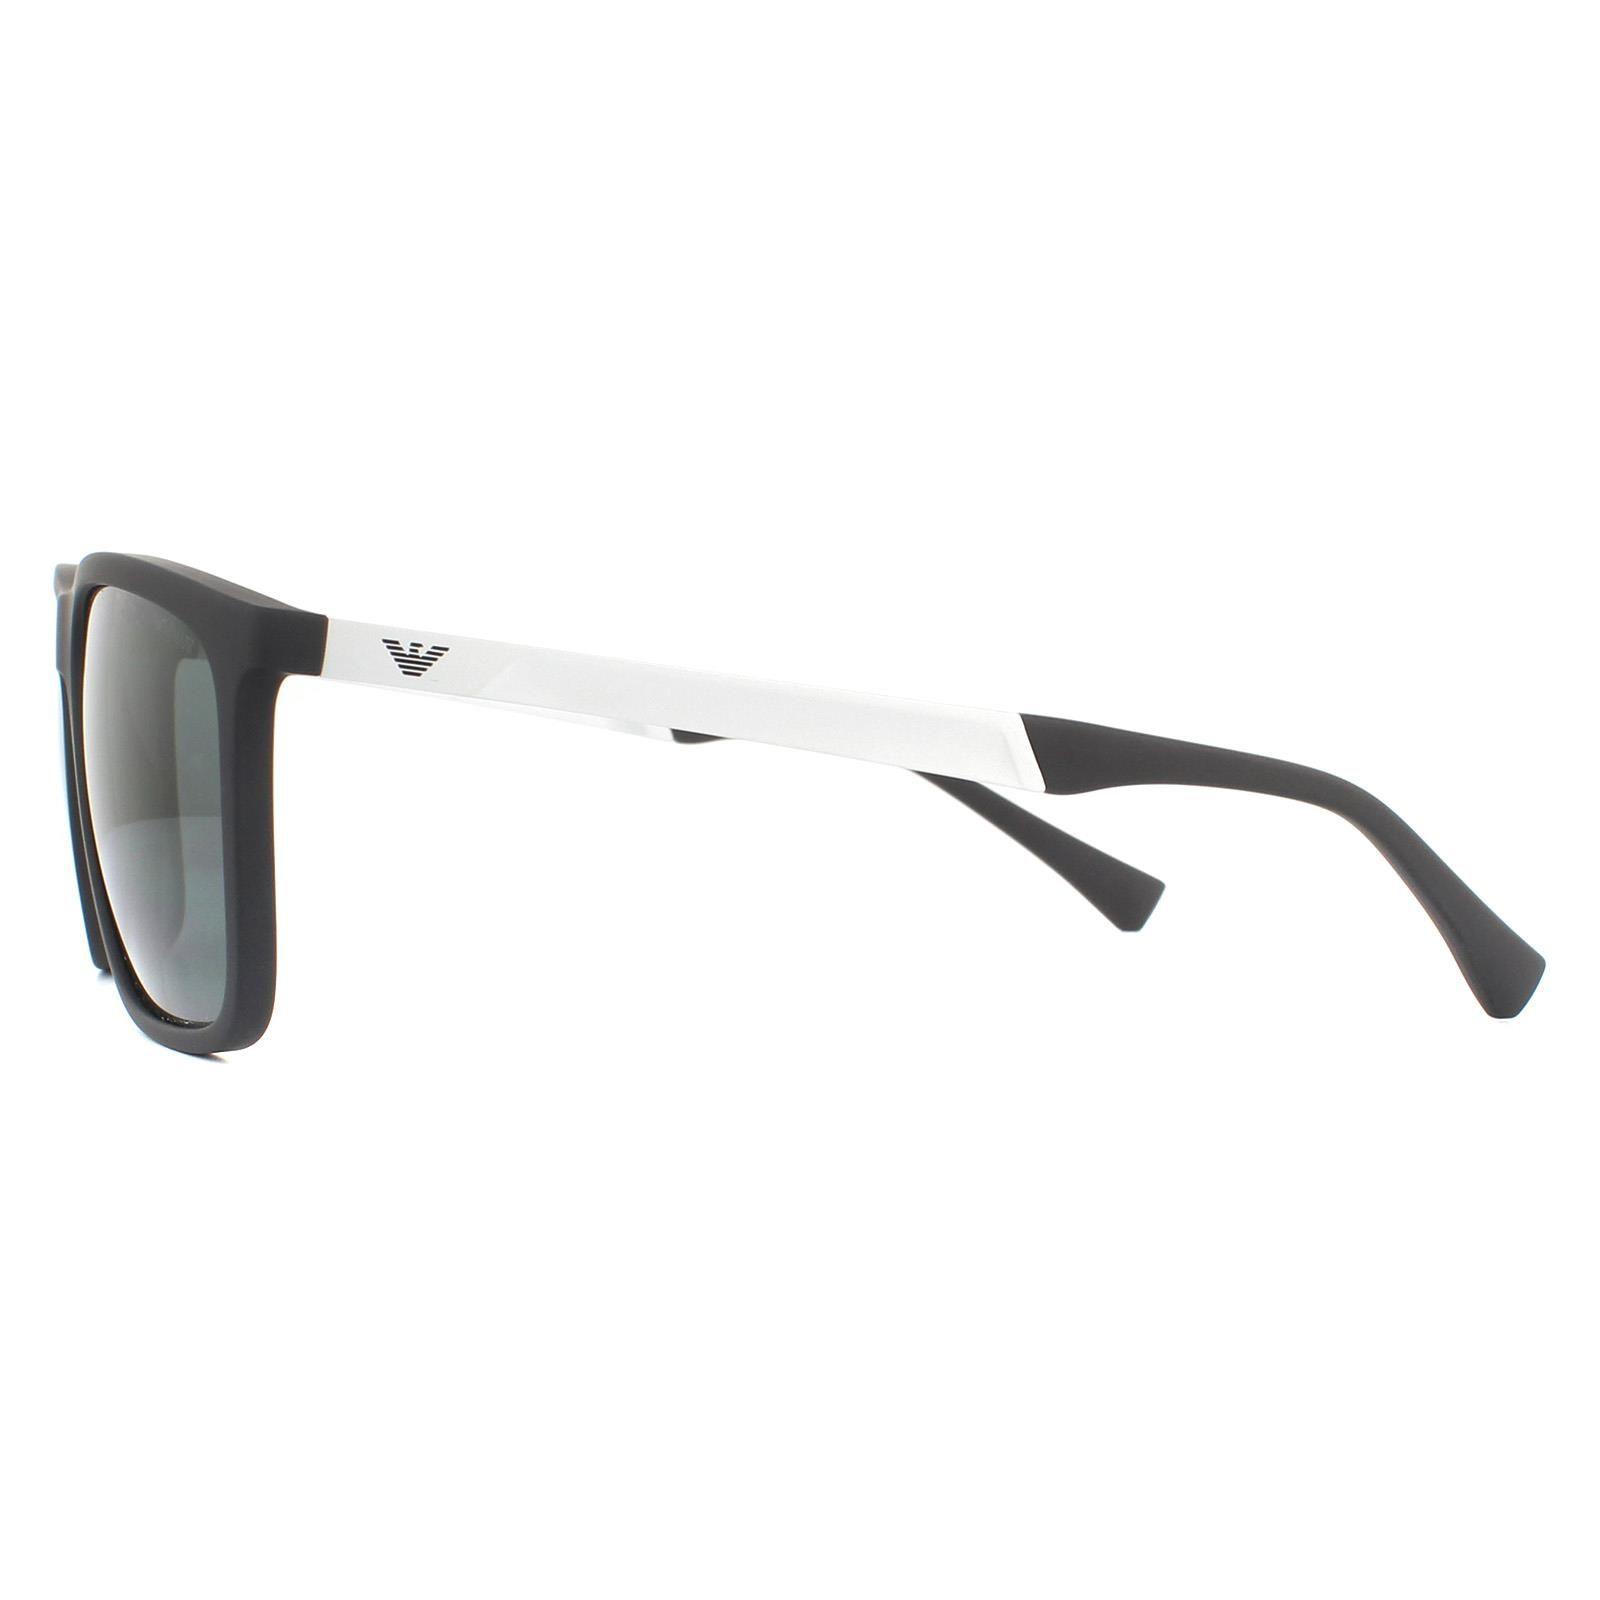 Emporio Armani Sunglasses EA4150 506387 Rubber Black Grey